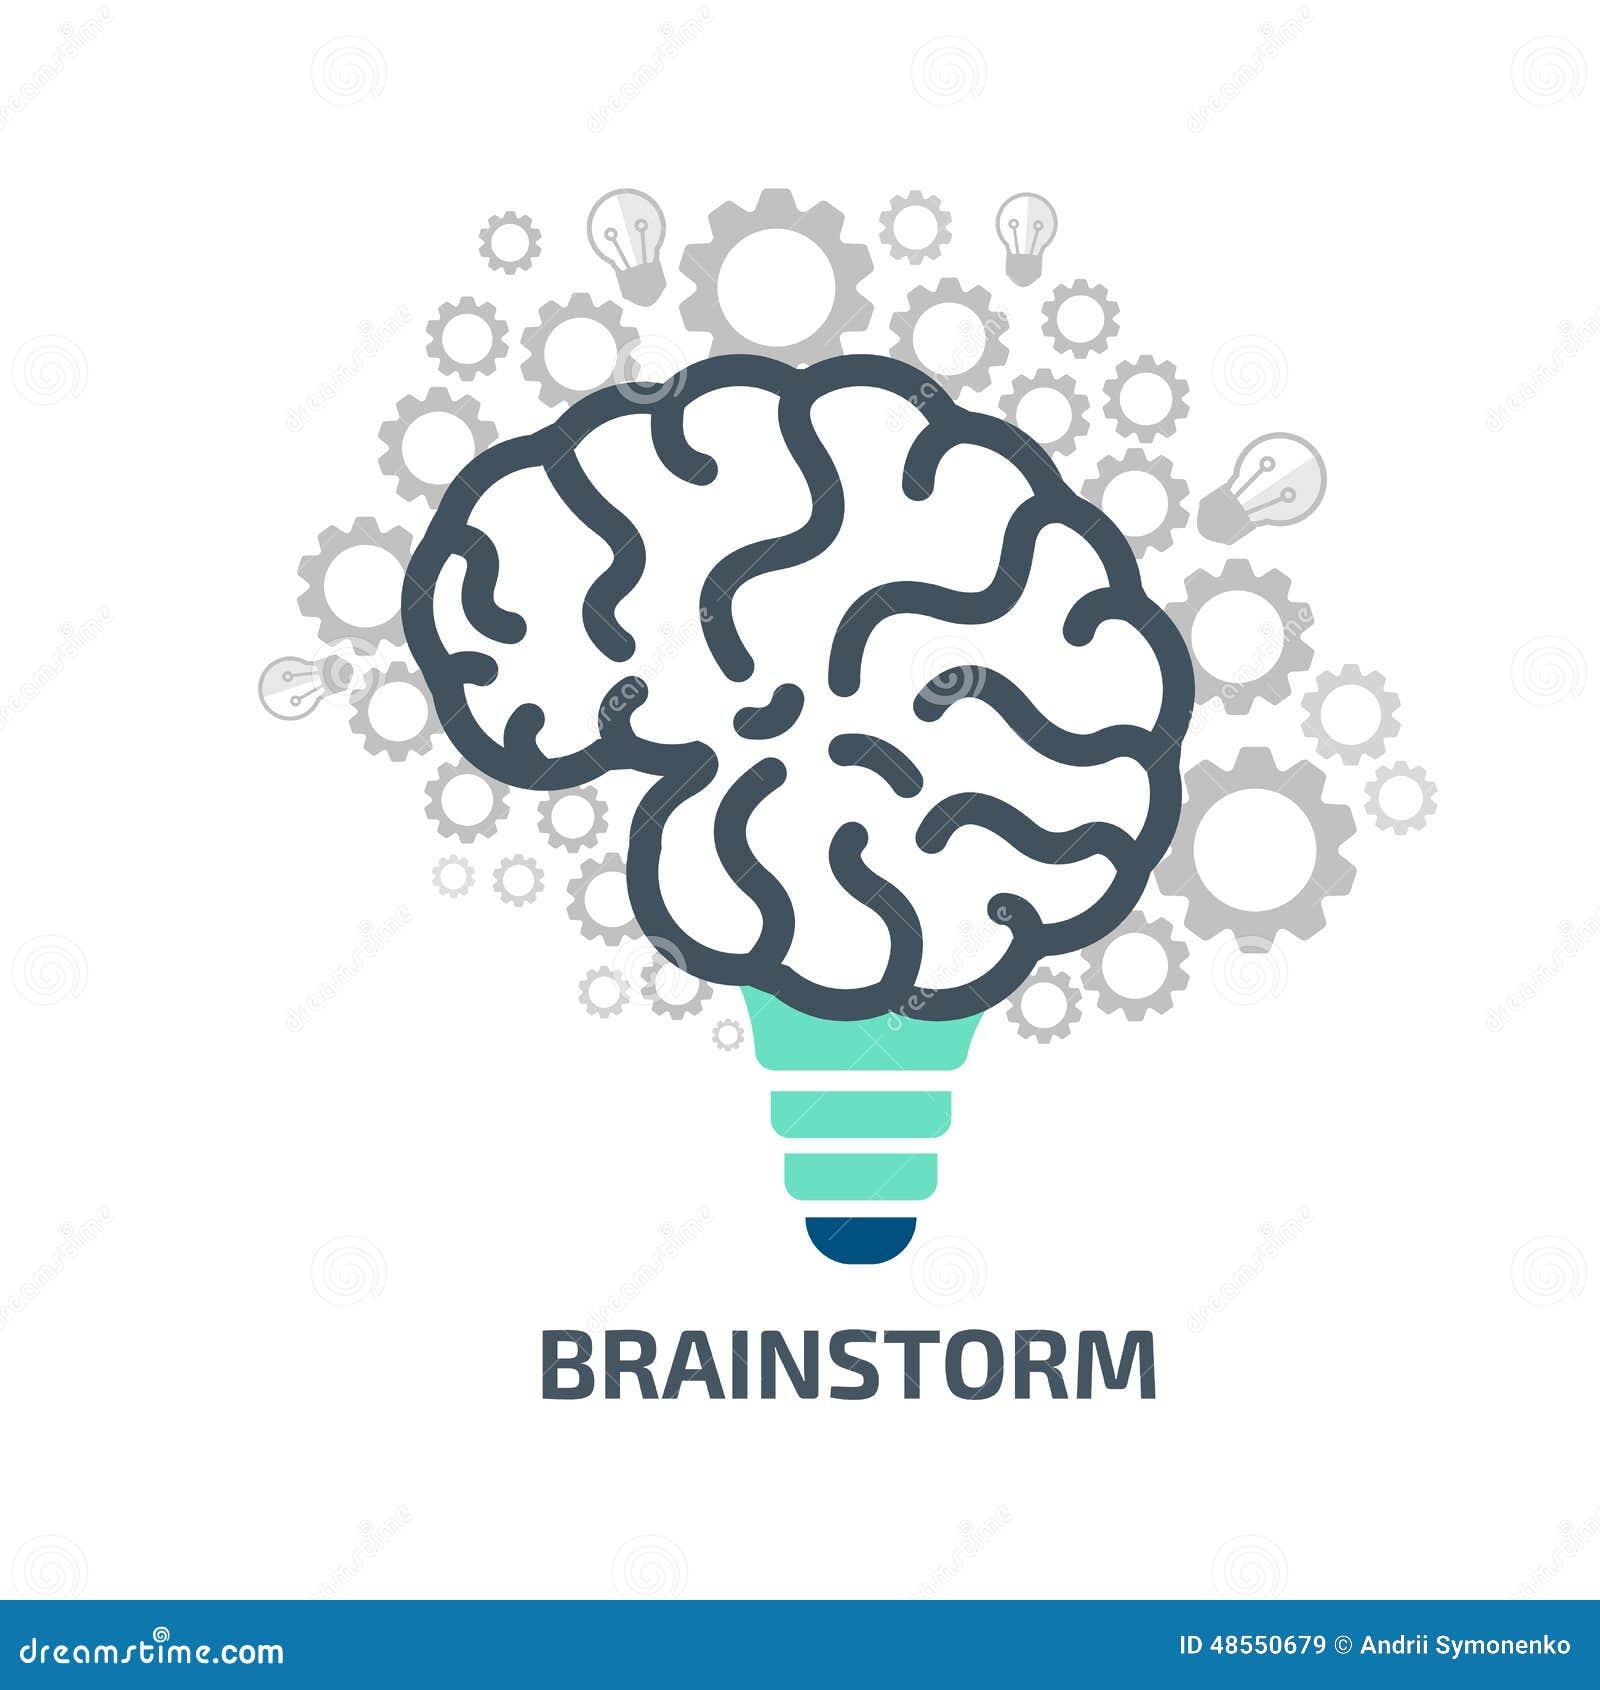 brainstorm clipart - photo #29